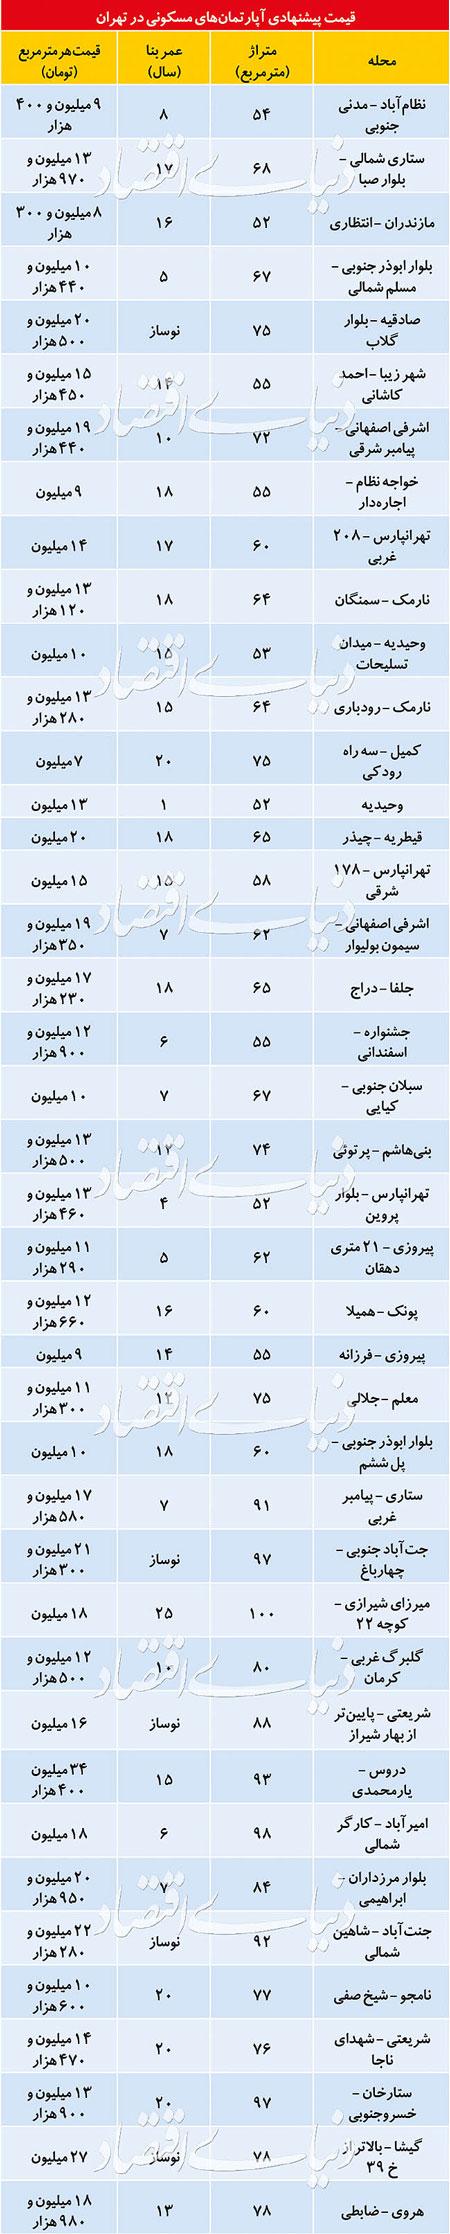 كمياب شدن واحدهاي نوساز در تهران+جدول